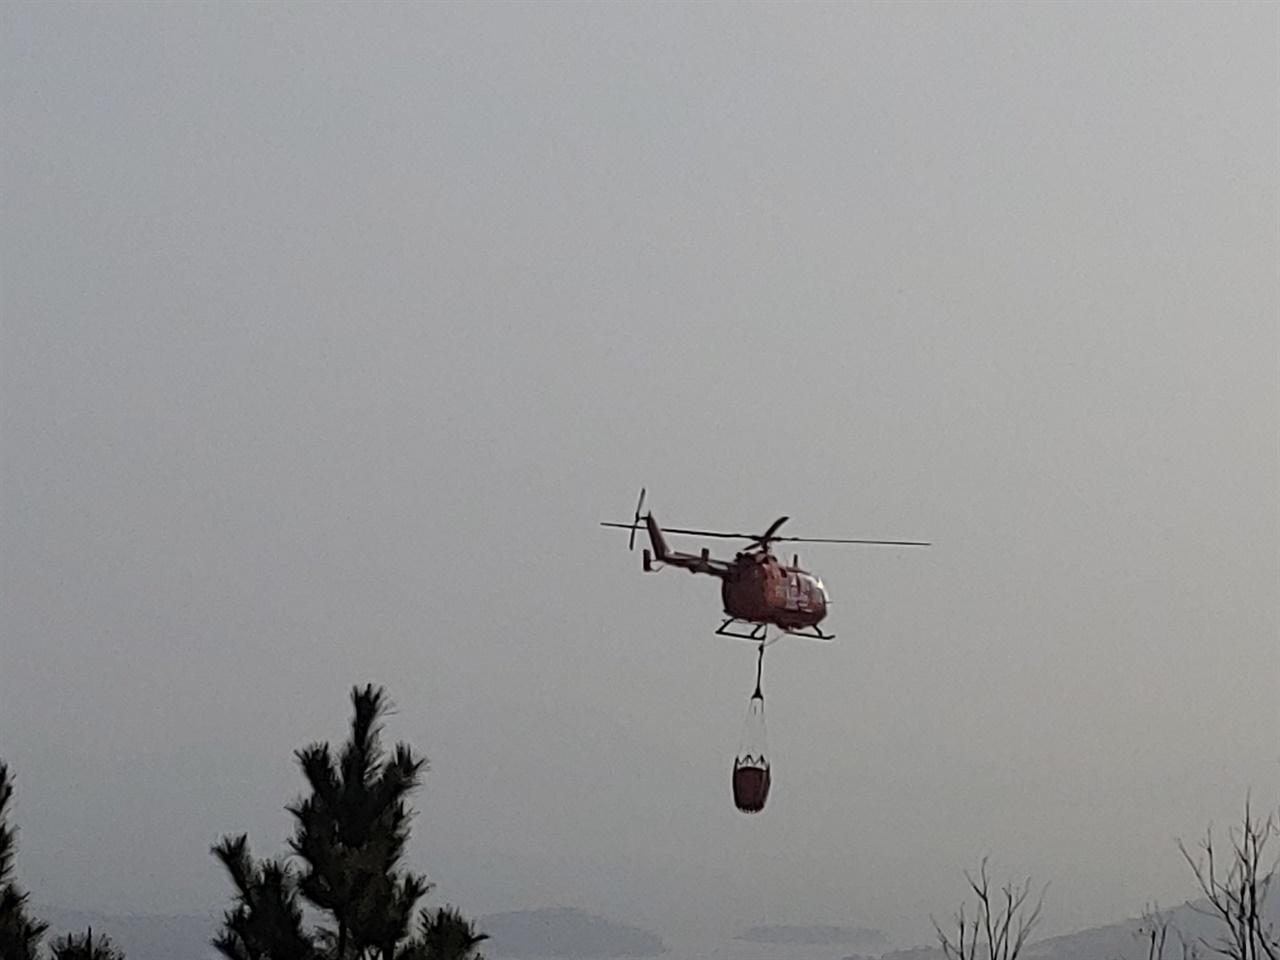 계속되는 산불에 마래산 주변을 순찰중인 소방헬기의 모습